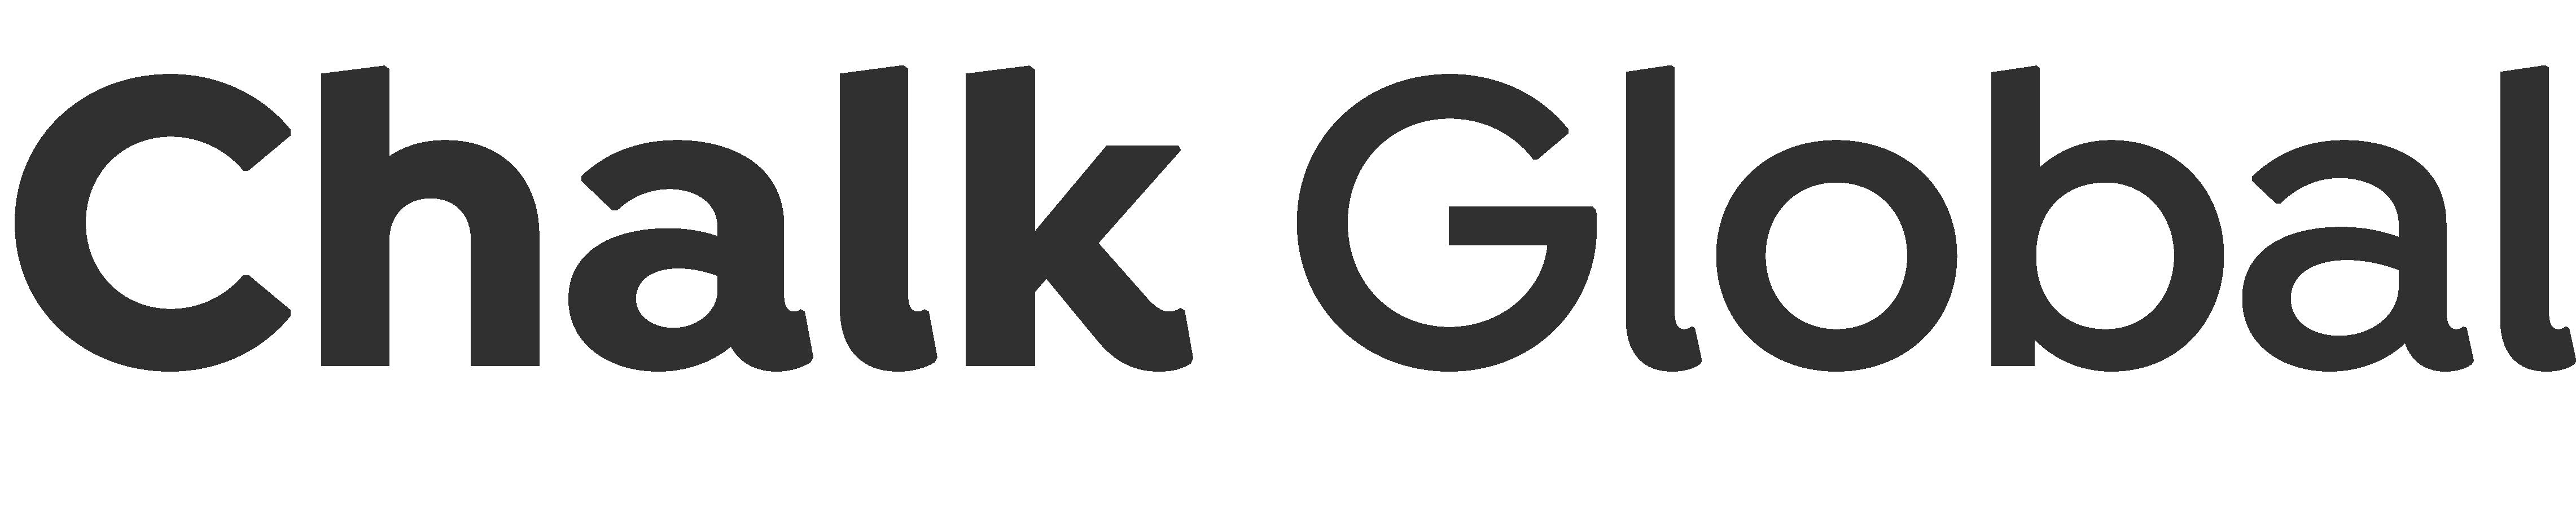 ChalkGlobal_Dark